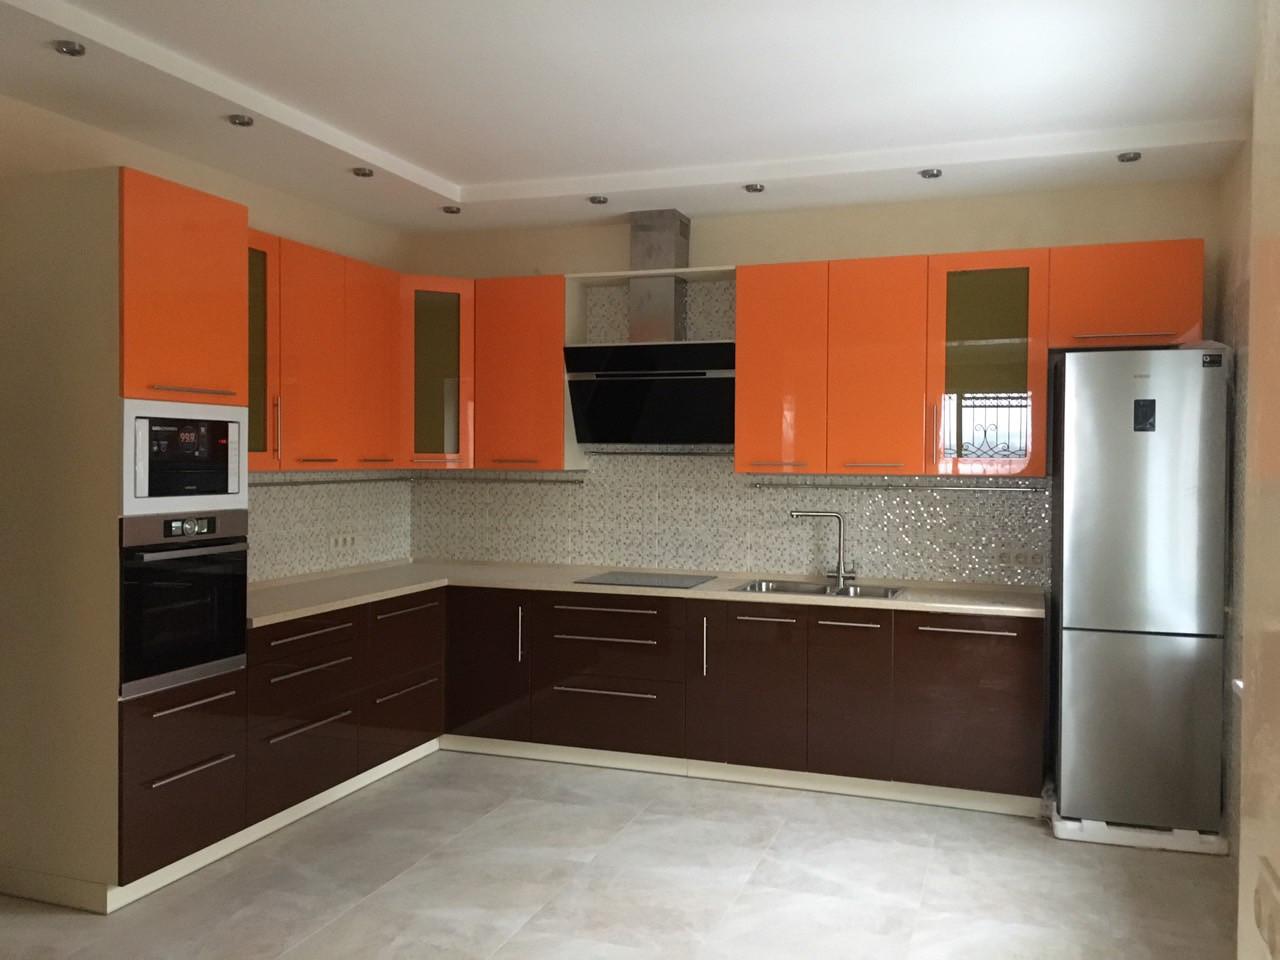 Кухня біла глянцева верх помаранчевий низ коричневий. Блюм фурритура